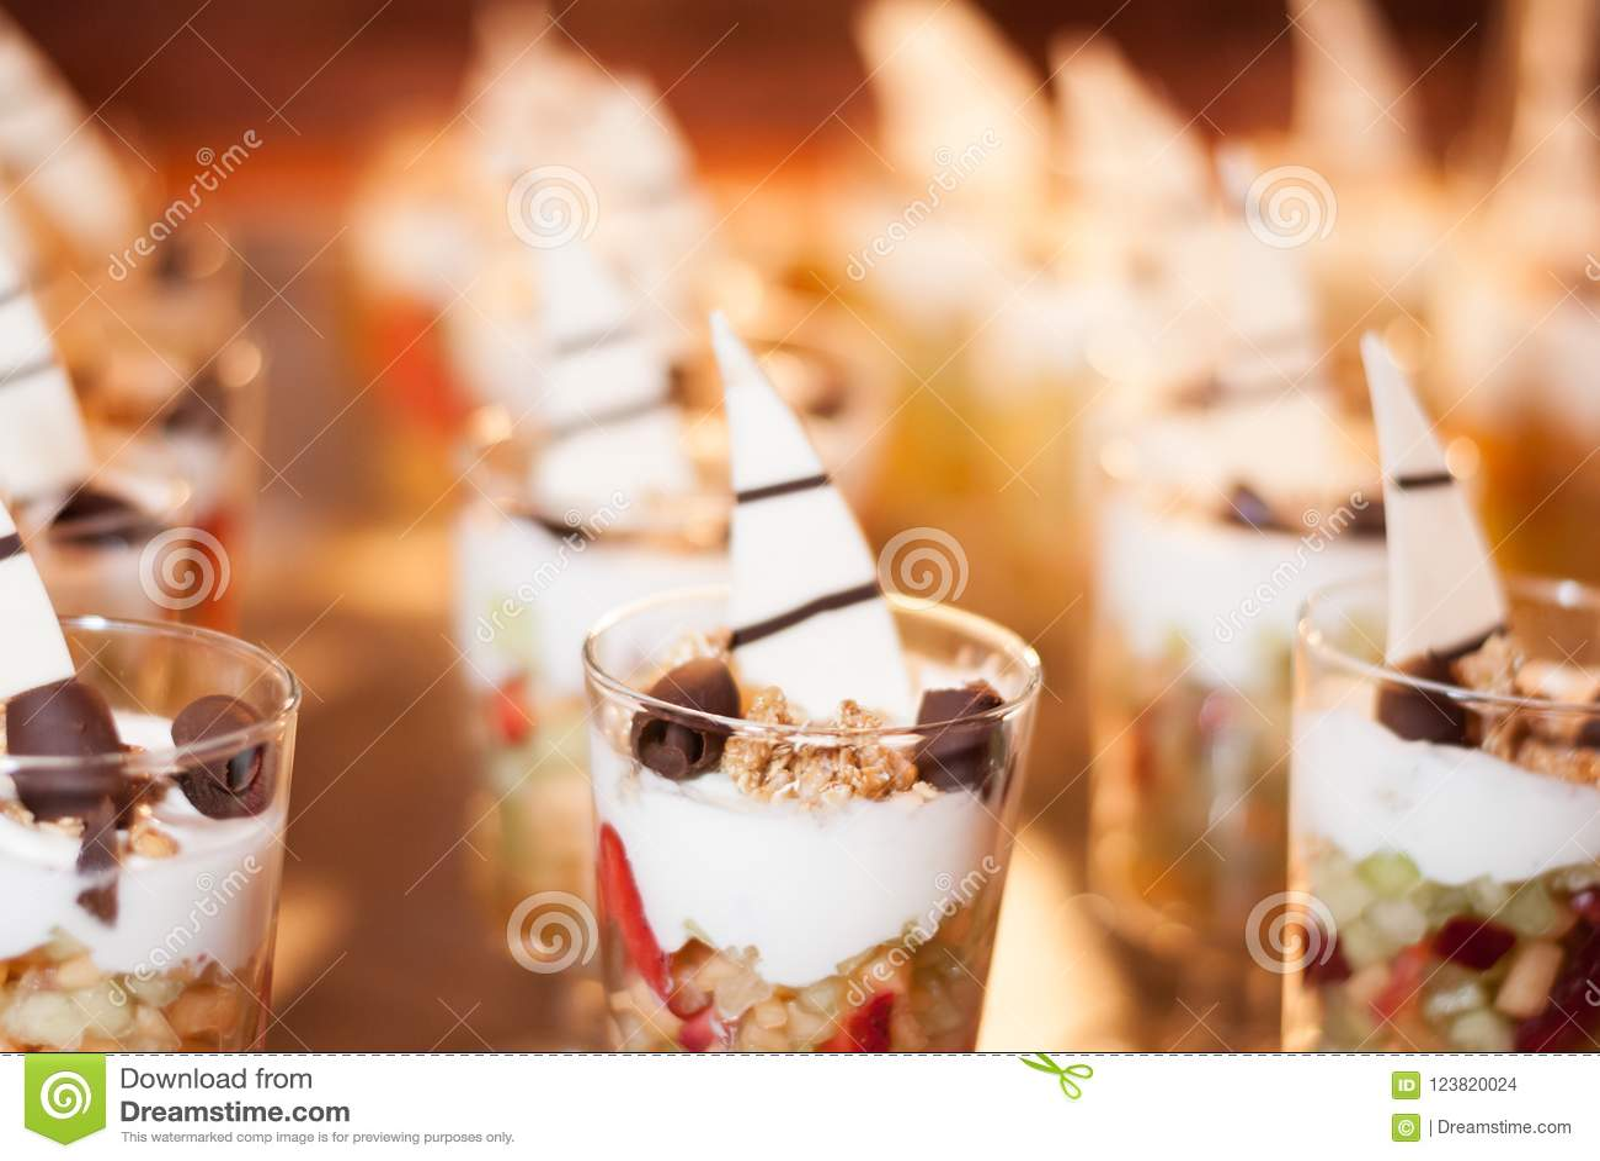 Rijen van Granola-de Desserts van het Yoghurtparfait